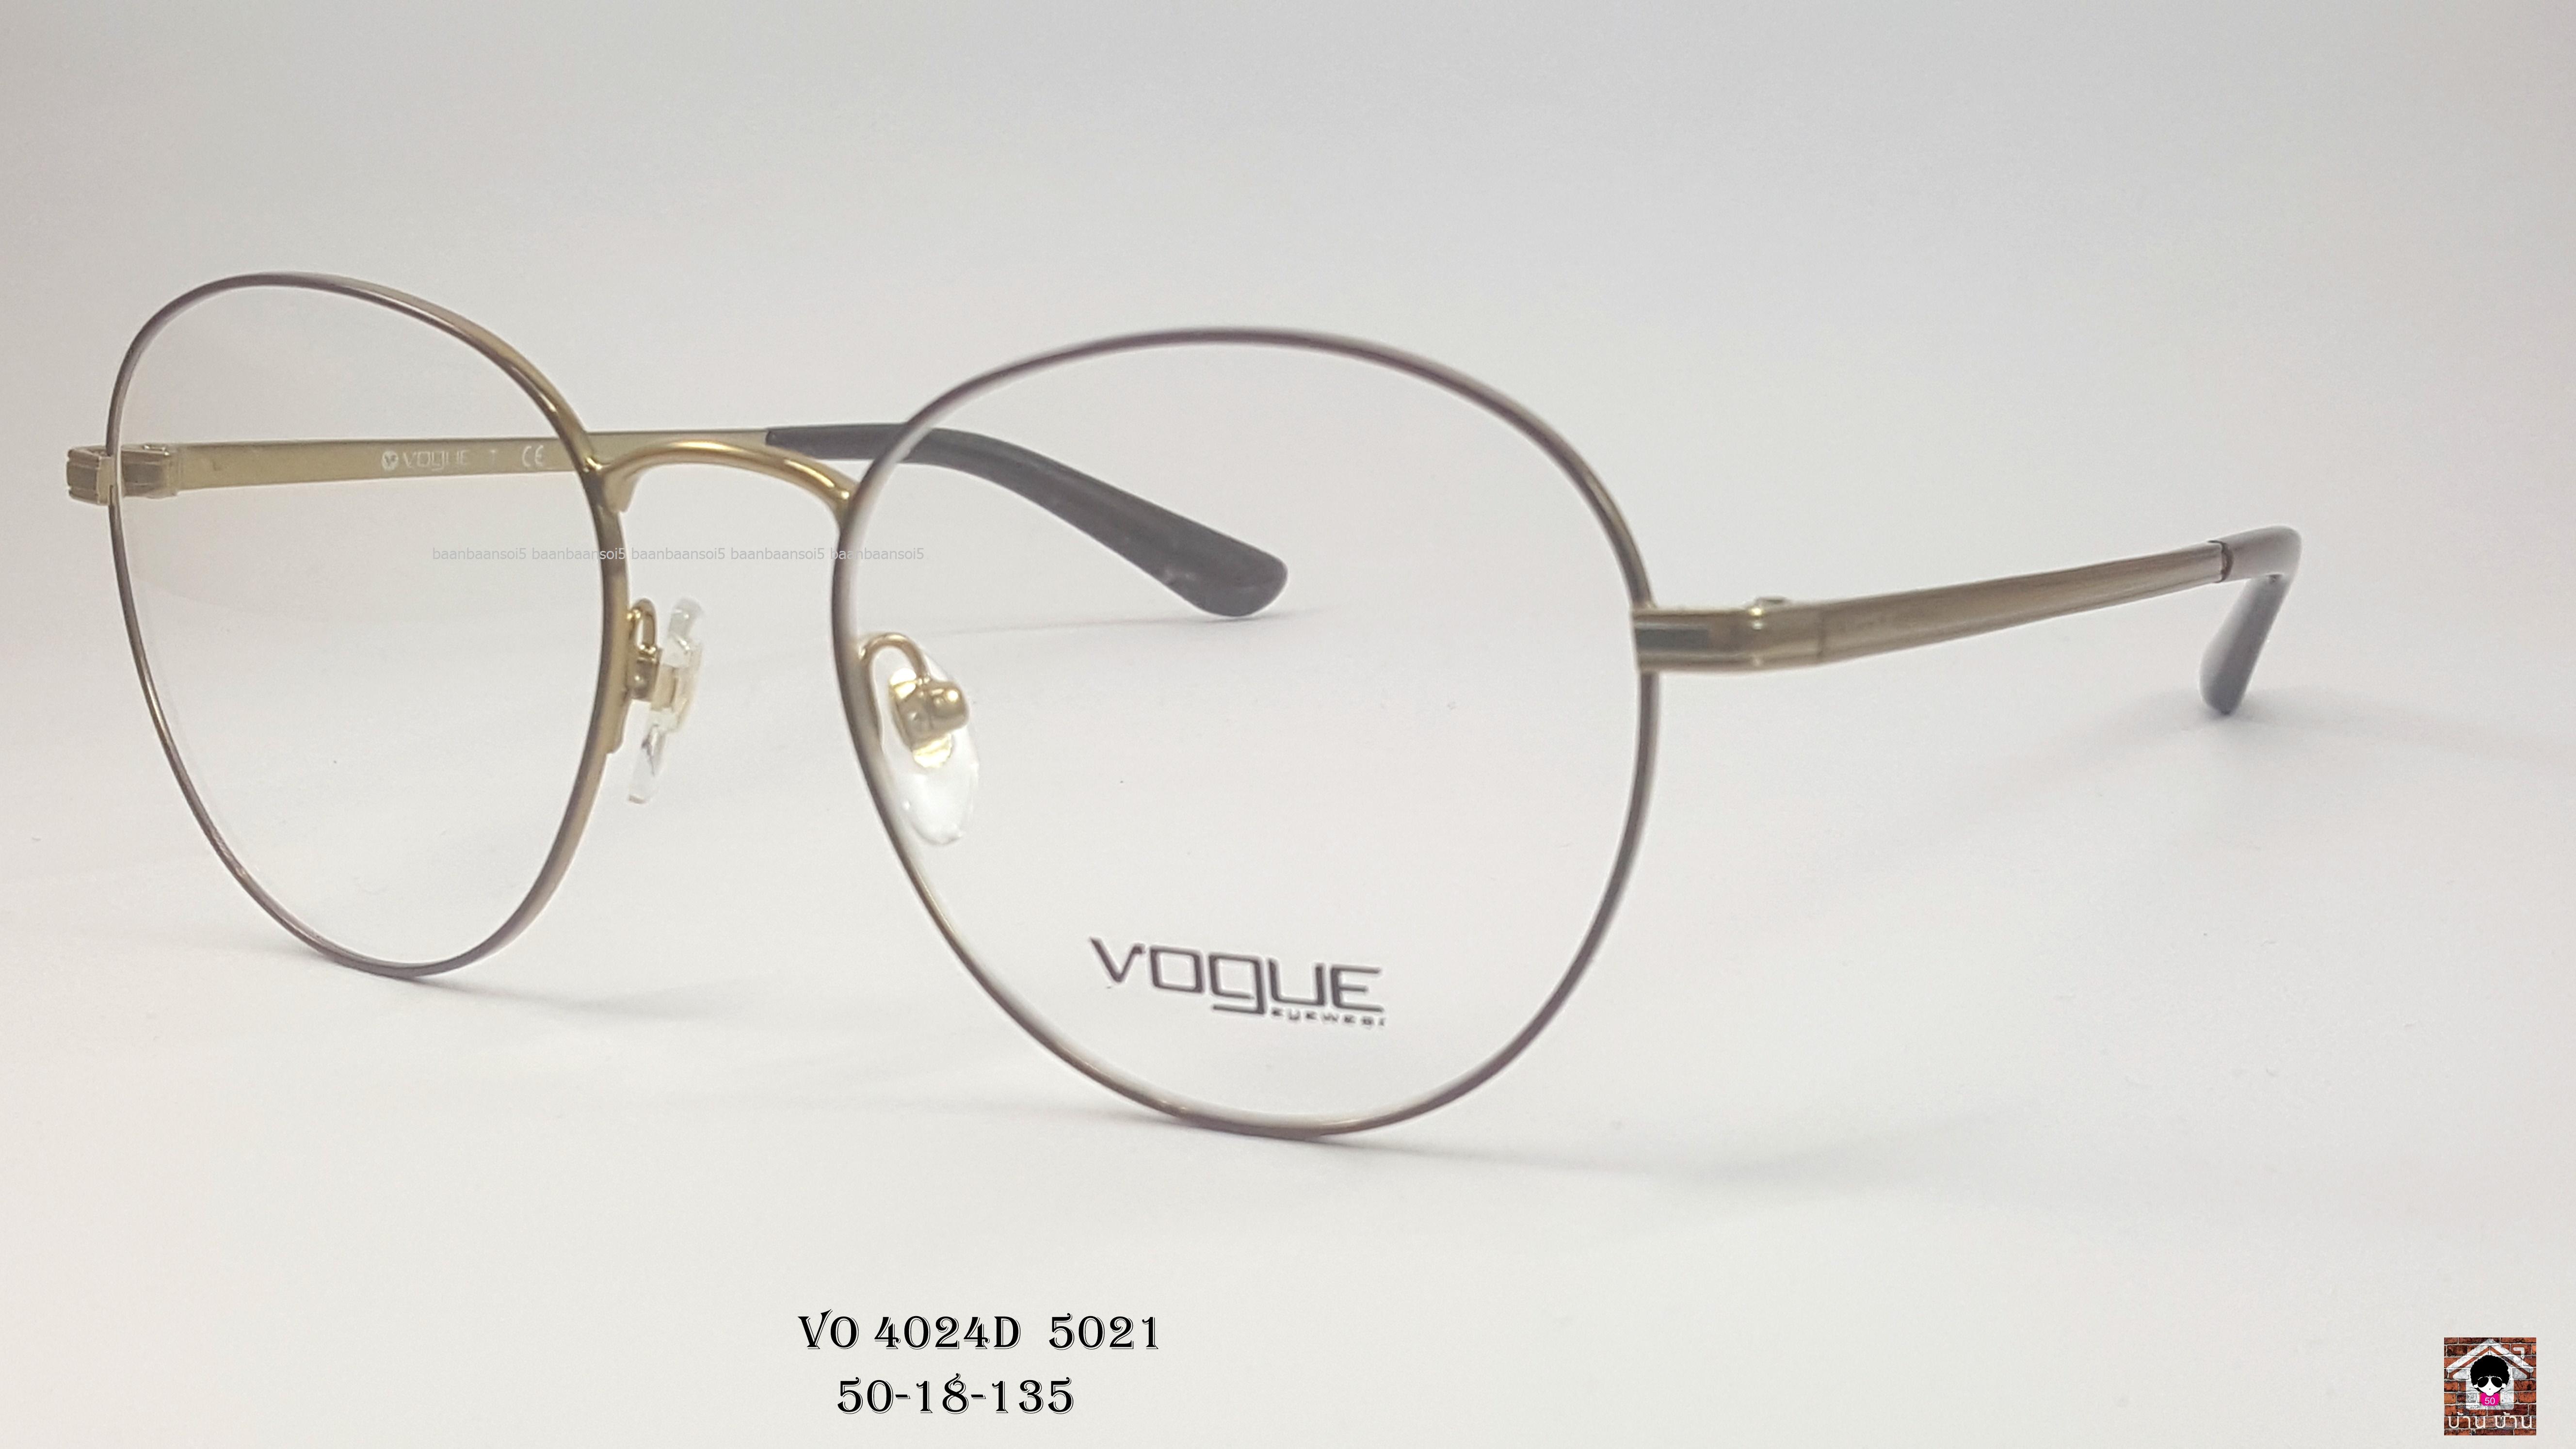 Vogue vo 4024D 5021 โปรโมชั่น กรอบแว่นตาพร้อมเลนส์ HOYA ราคา 2,900 บาท